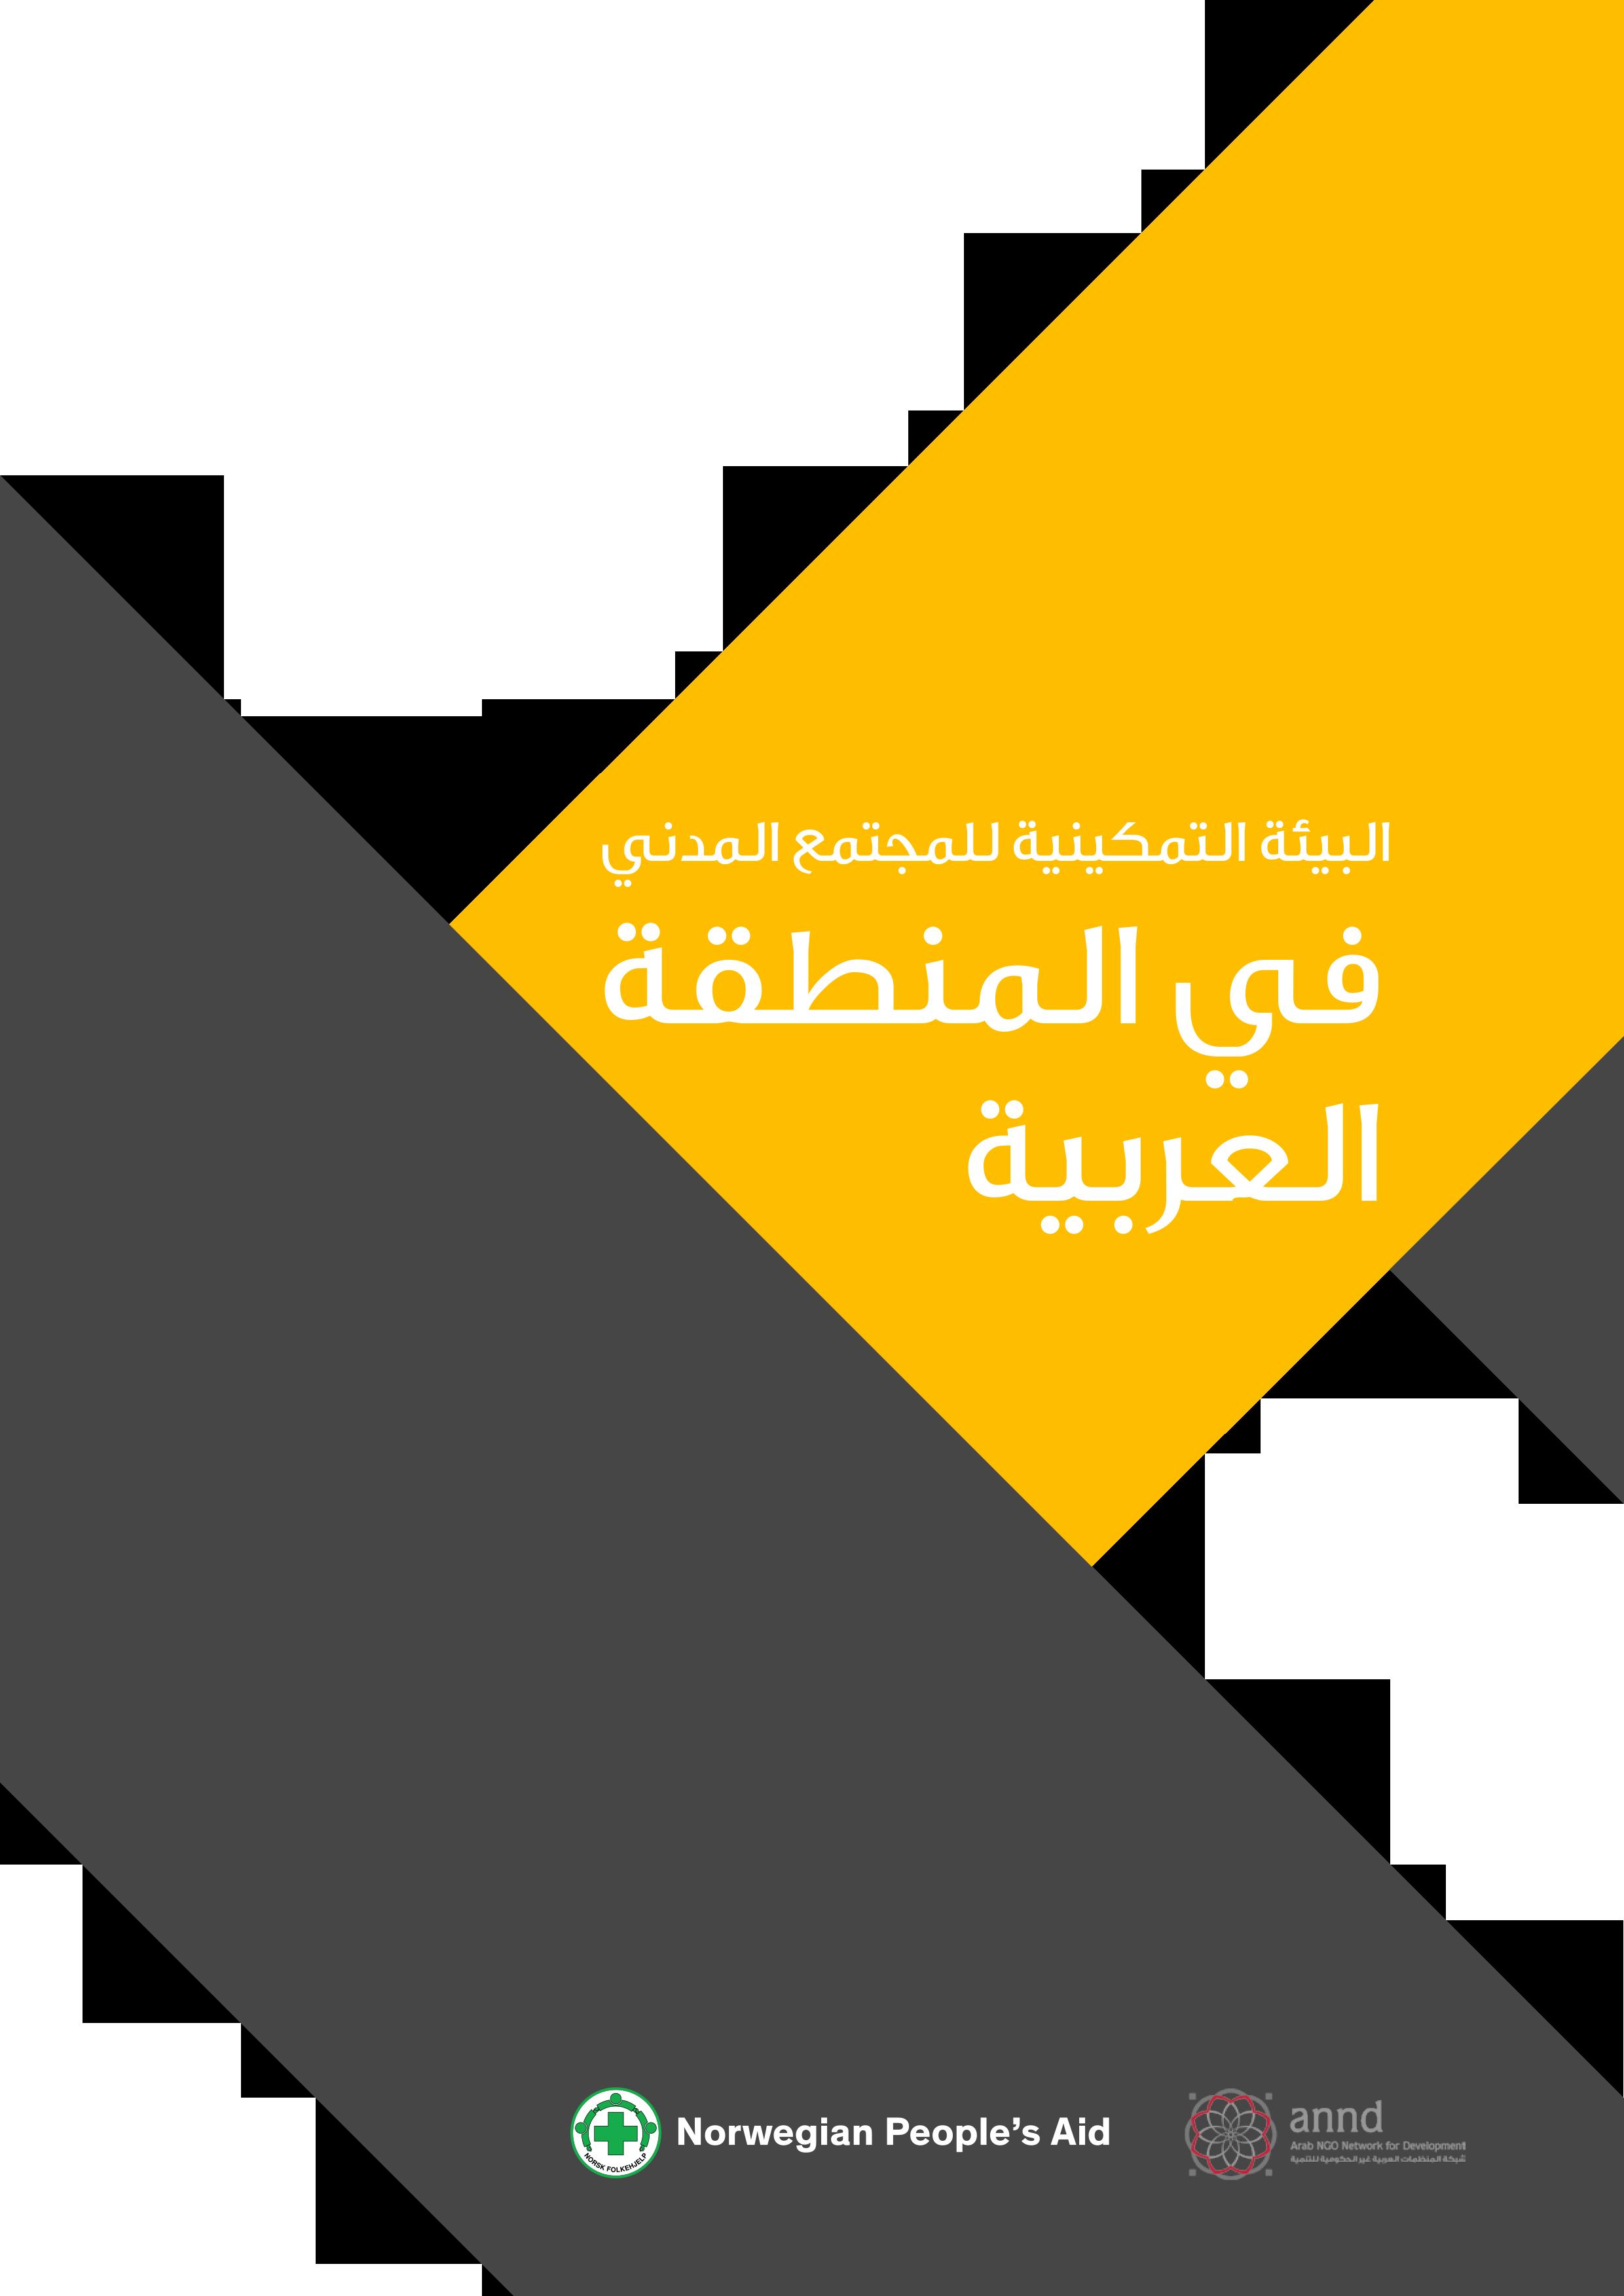 البيئة التمكينية للمجتمع المدني في المنطقة العربية